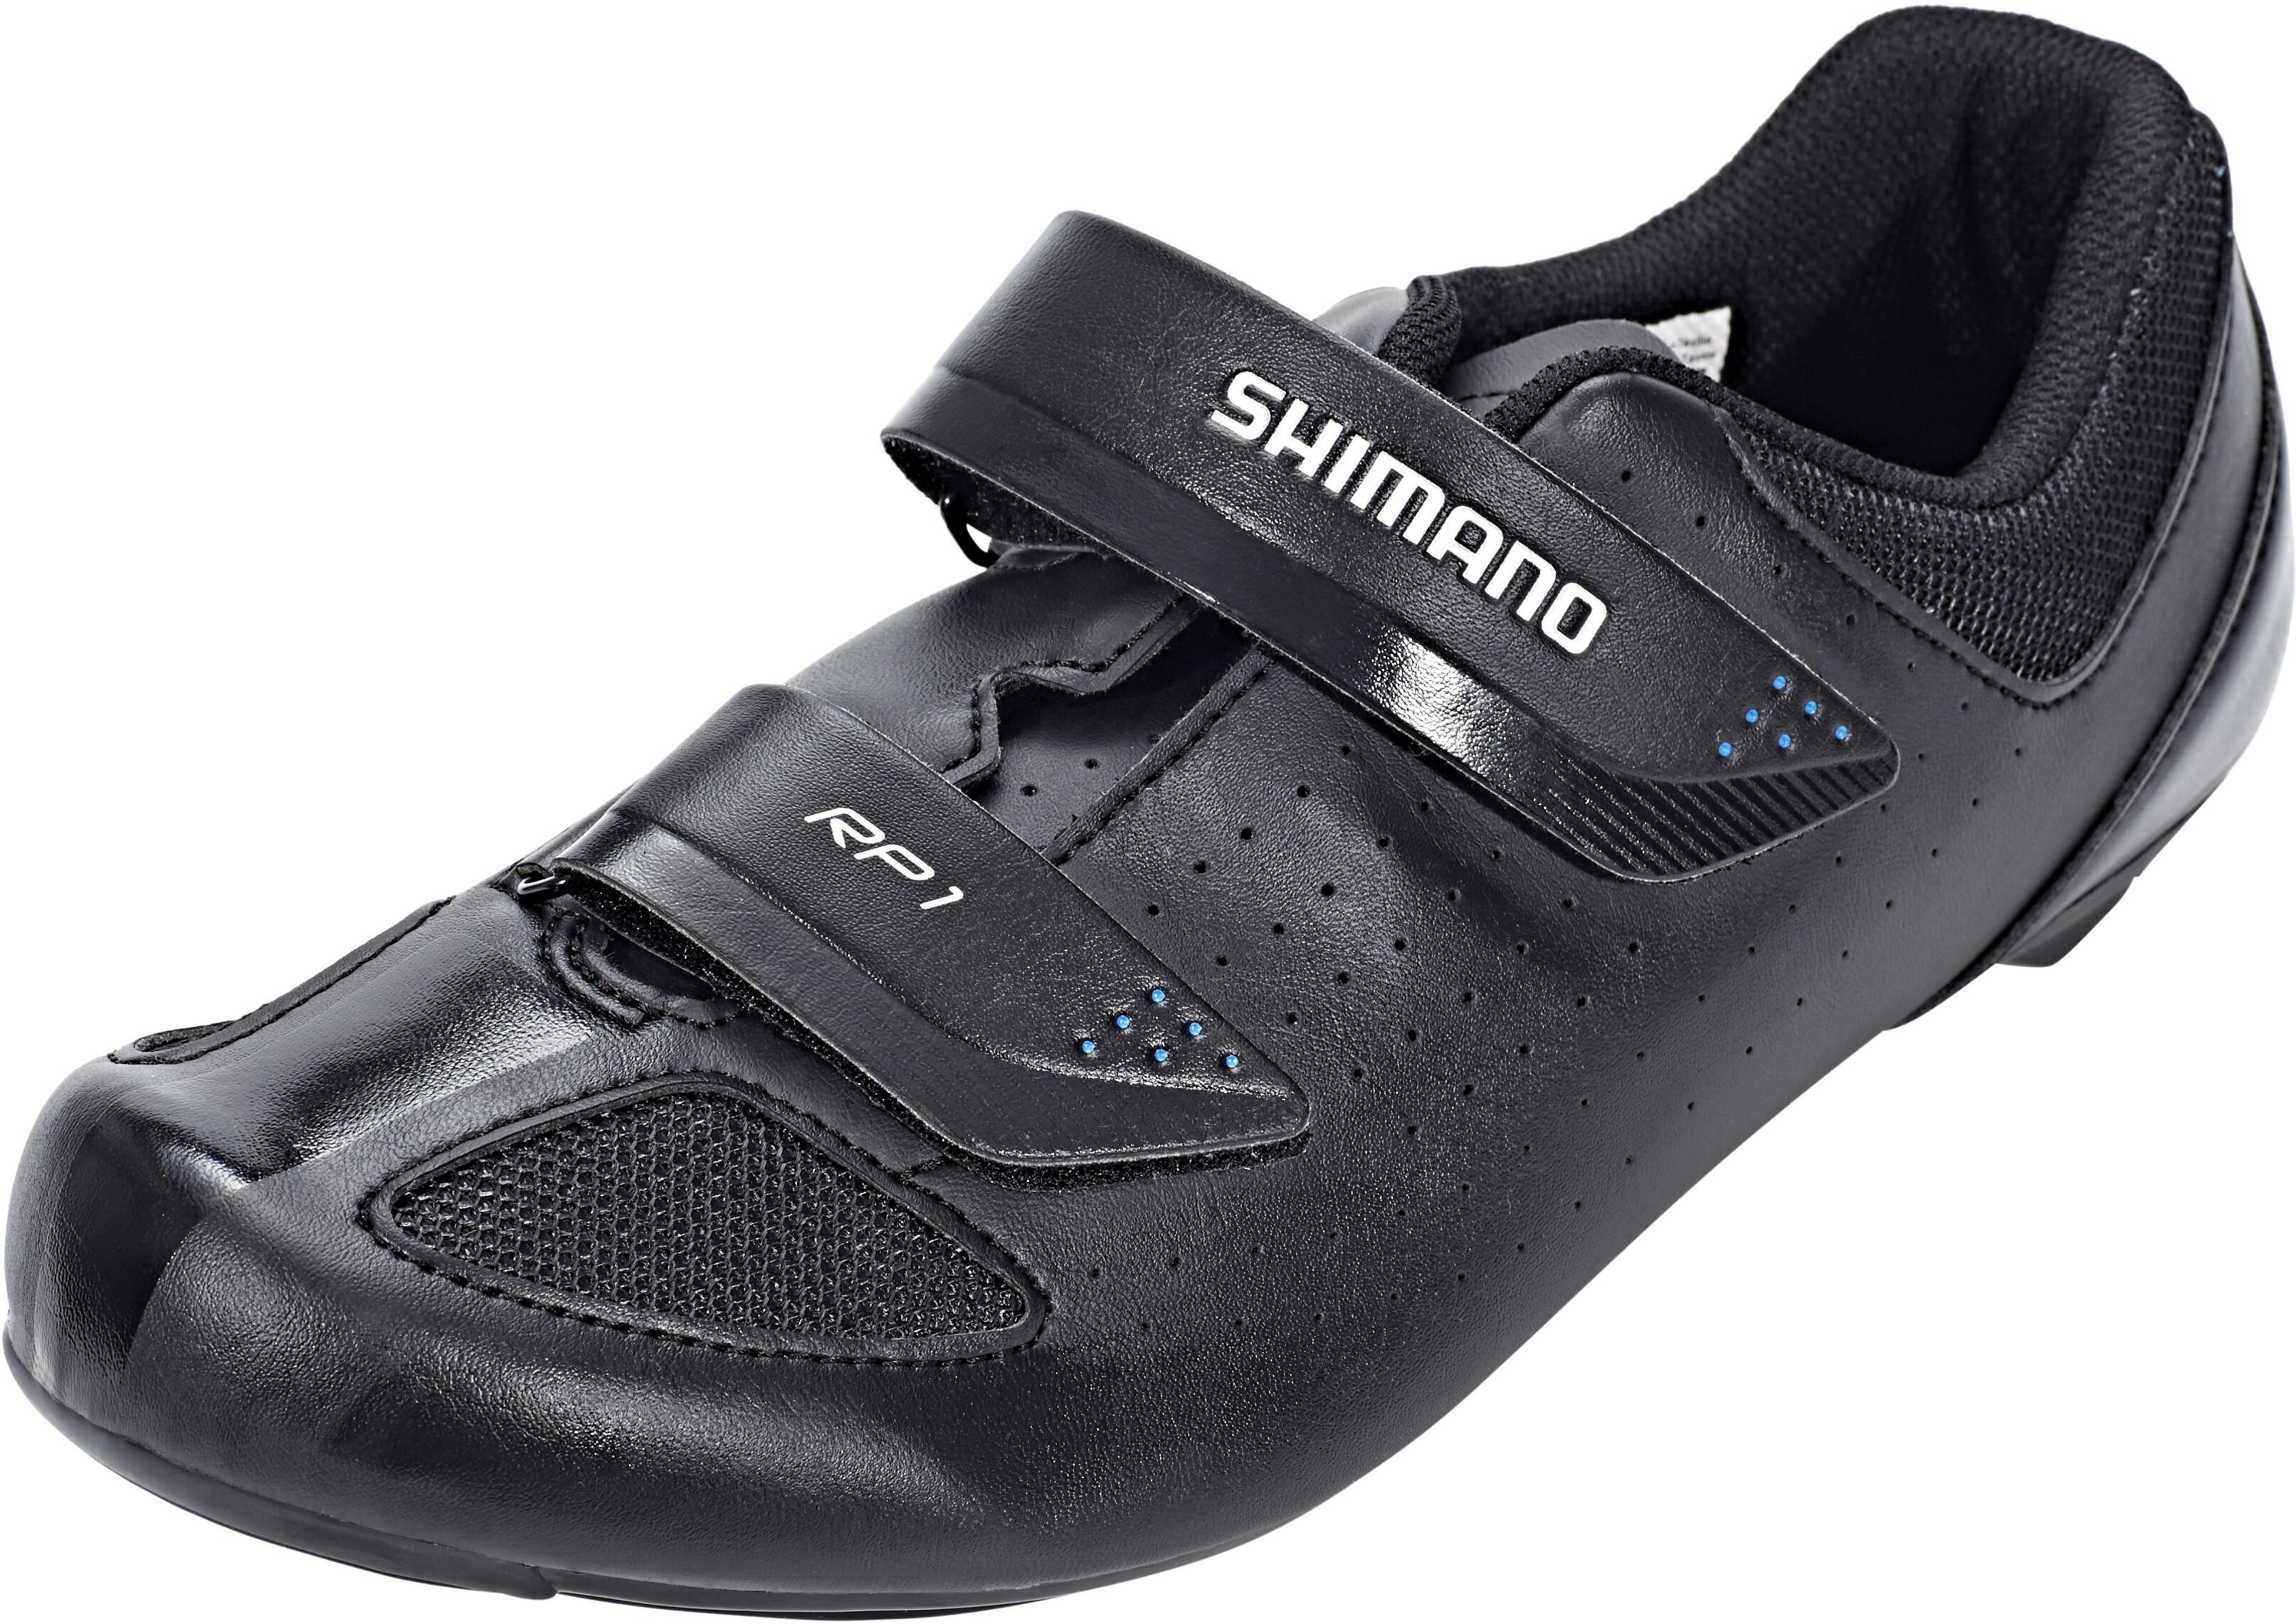 fe8e5e689 Shimano SH-RP1 Zapatillas ciclismo, black | Bikester.es